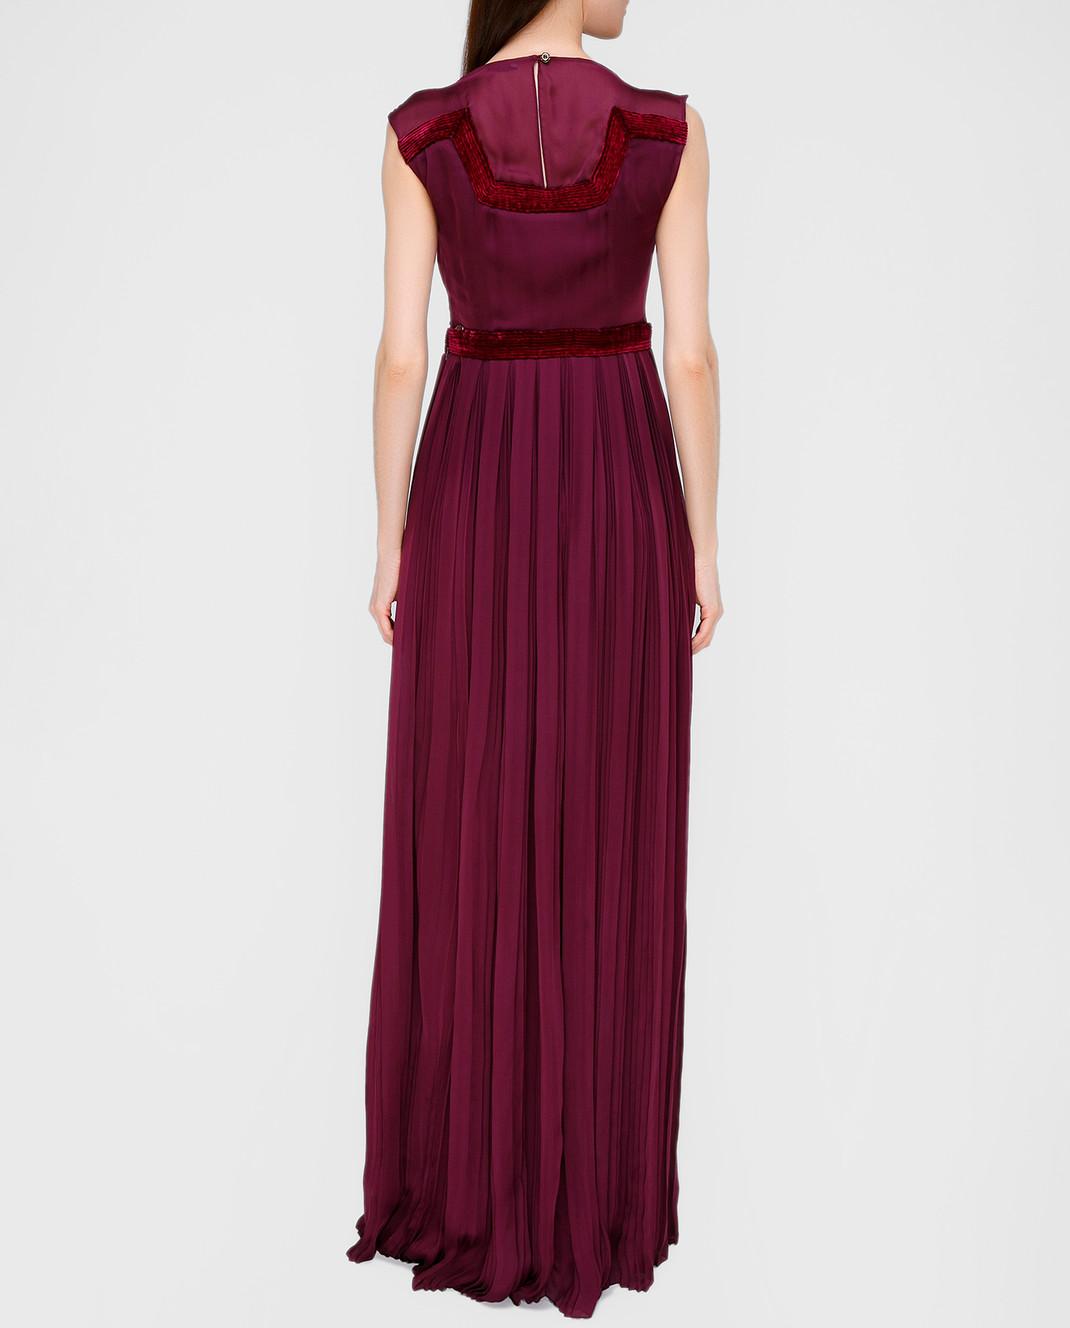 LARUSMIANI Бордовое платье из шелка 077581 изображение 4